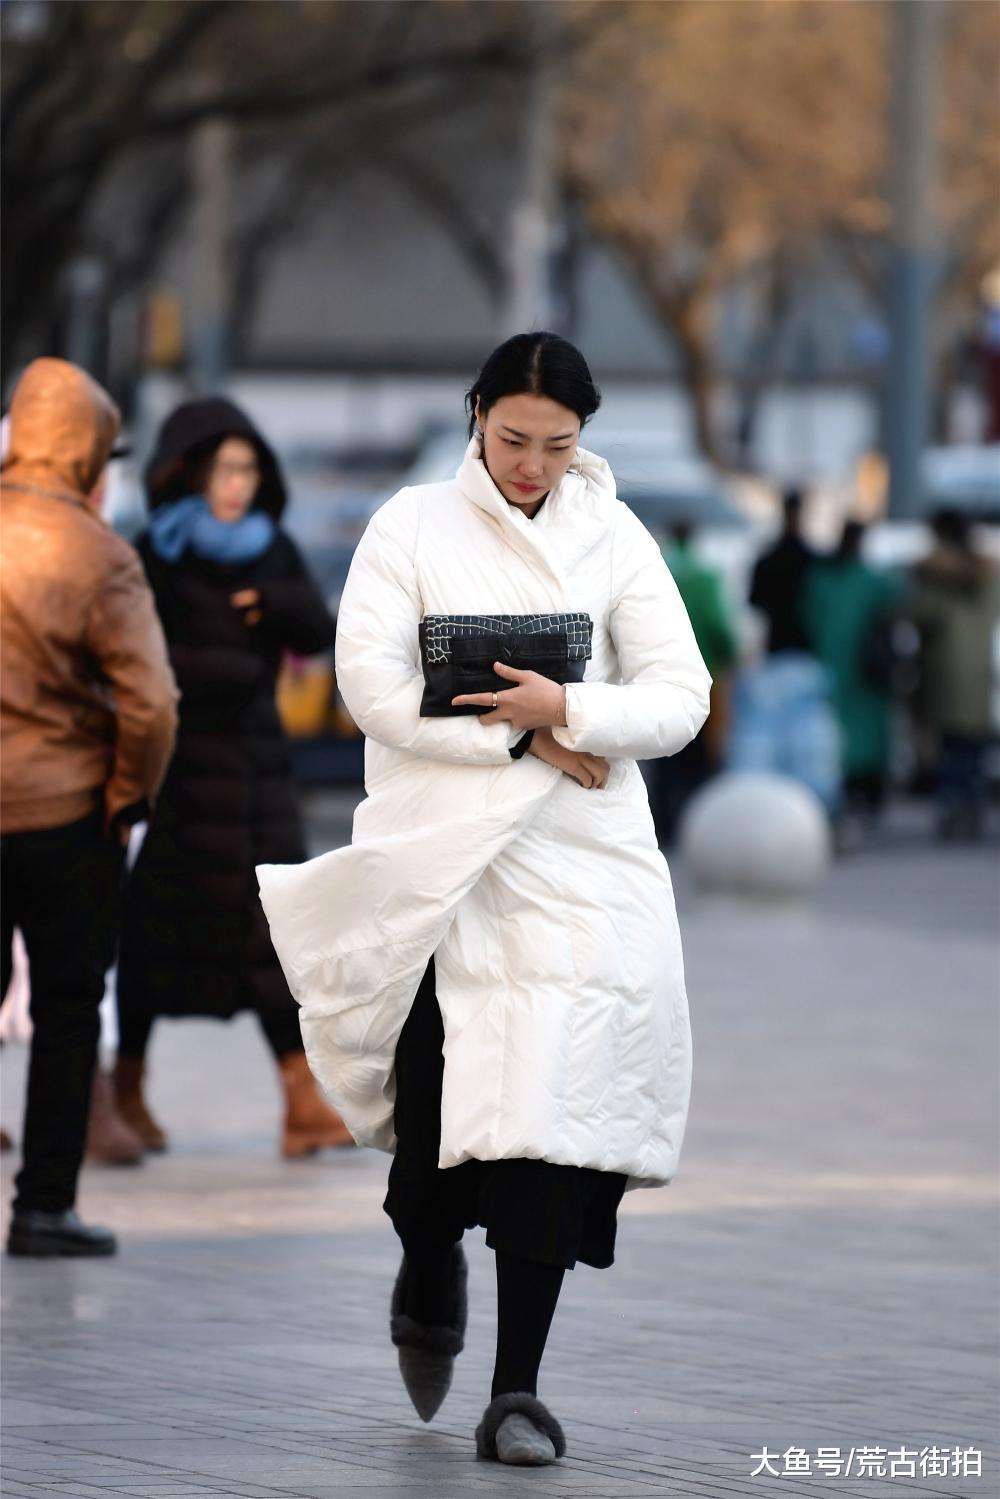 长款羽绒服,裹在身上似乎比拉上拉链更保暖